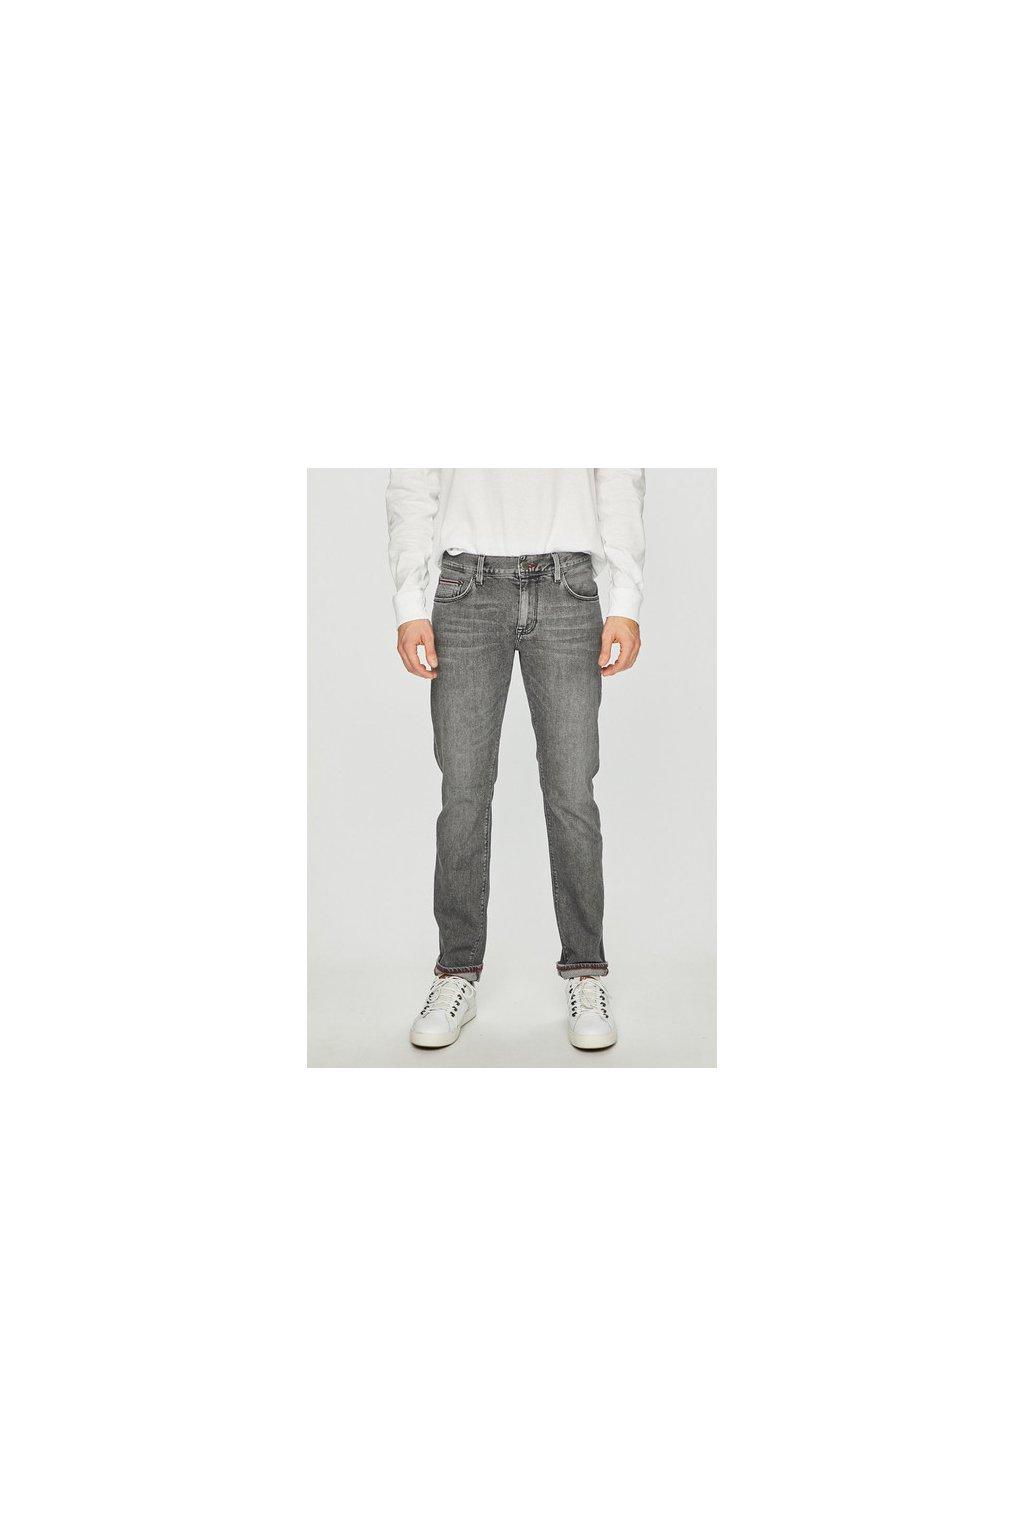 Pánské kalhoty Tommy Hilfiger MW0MW08098